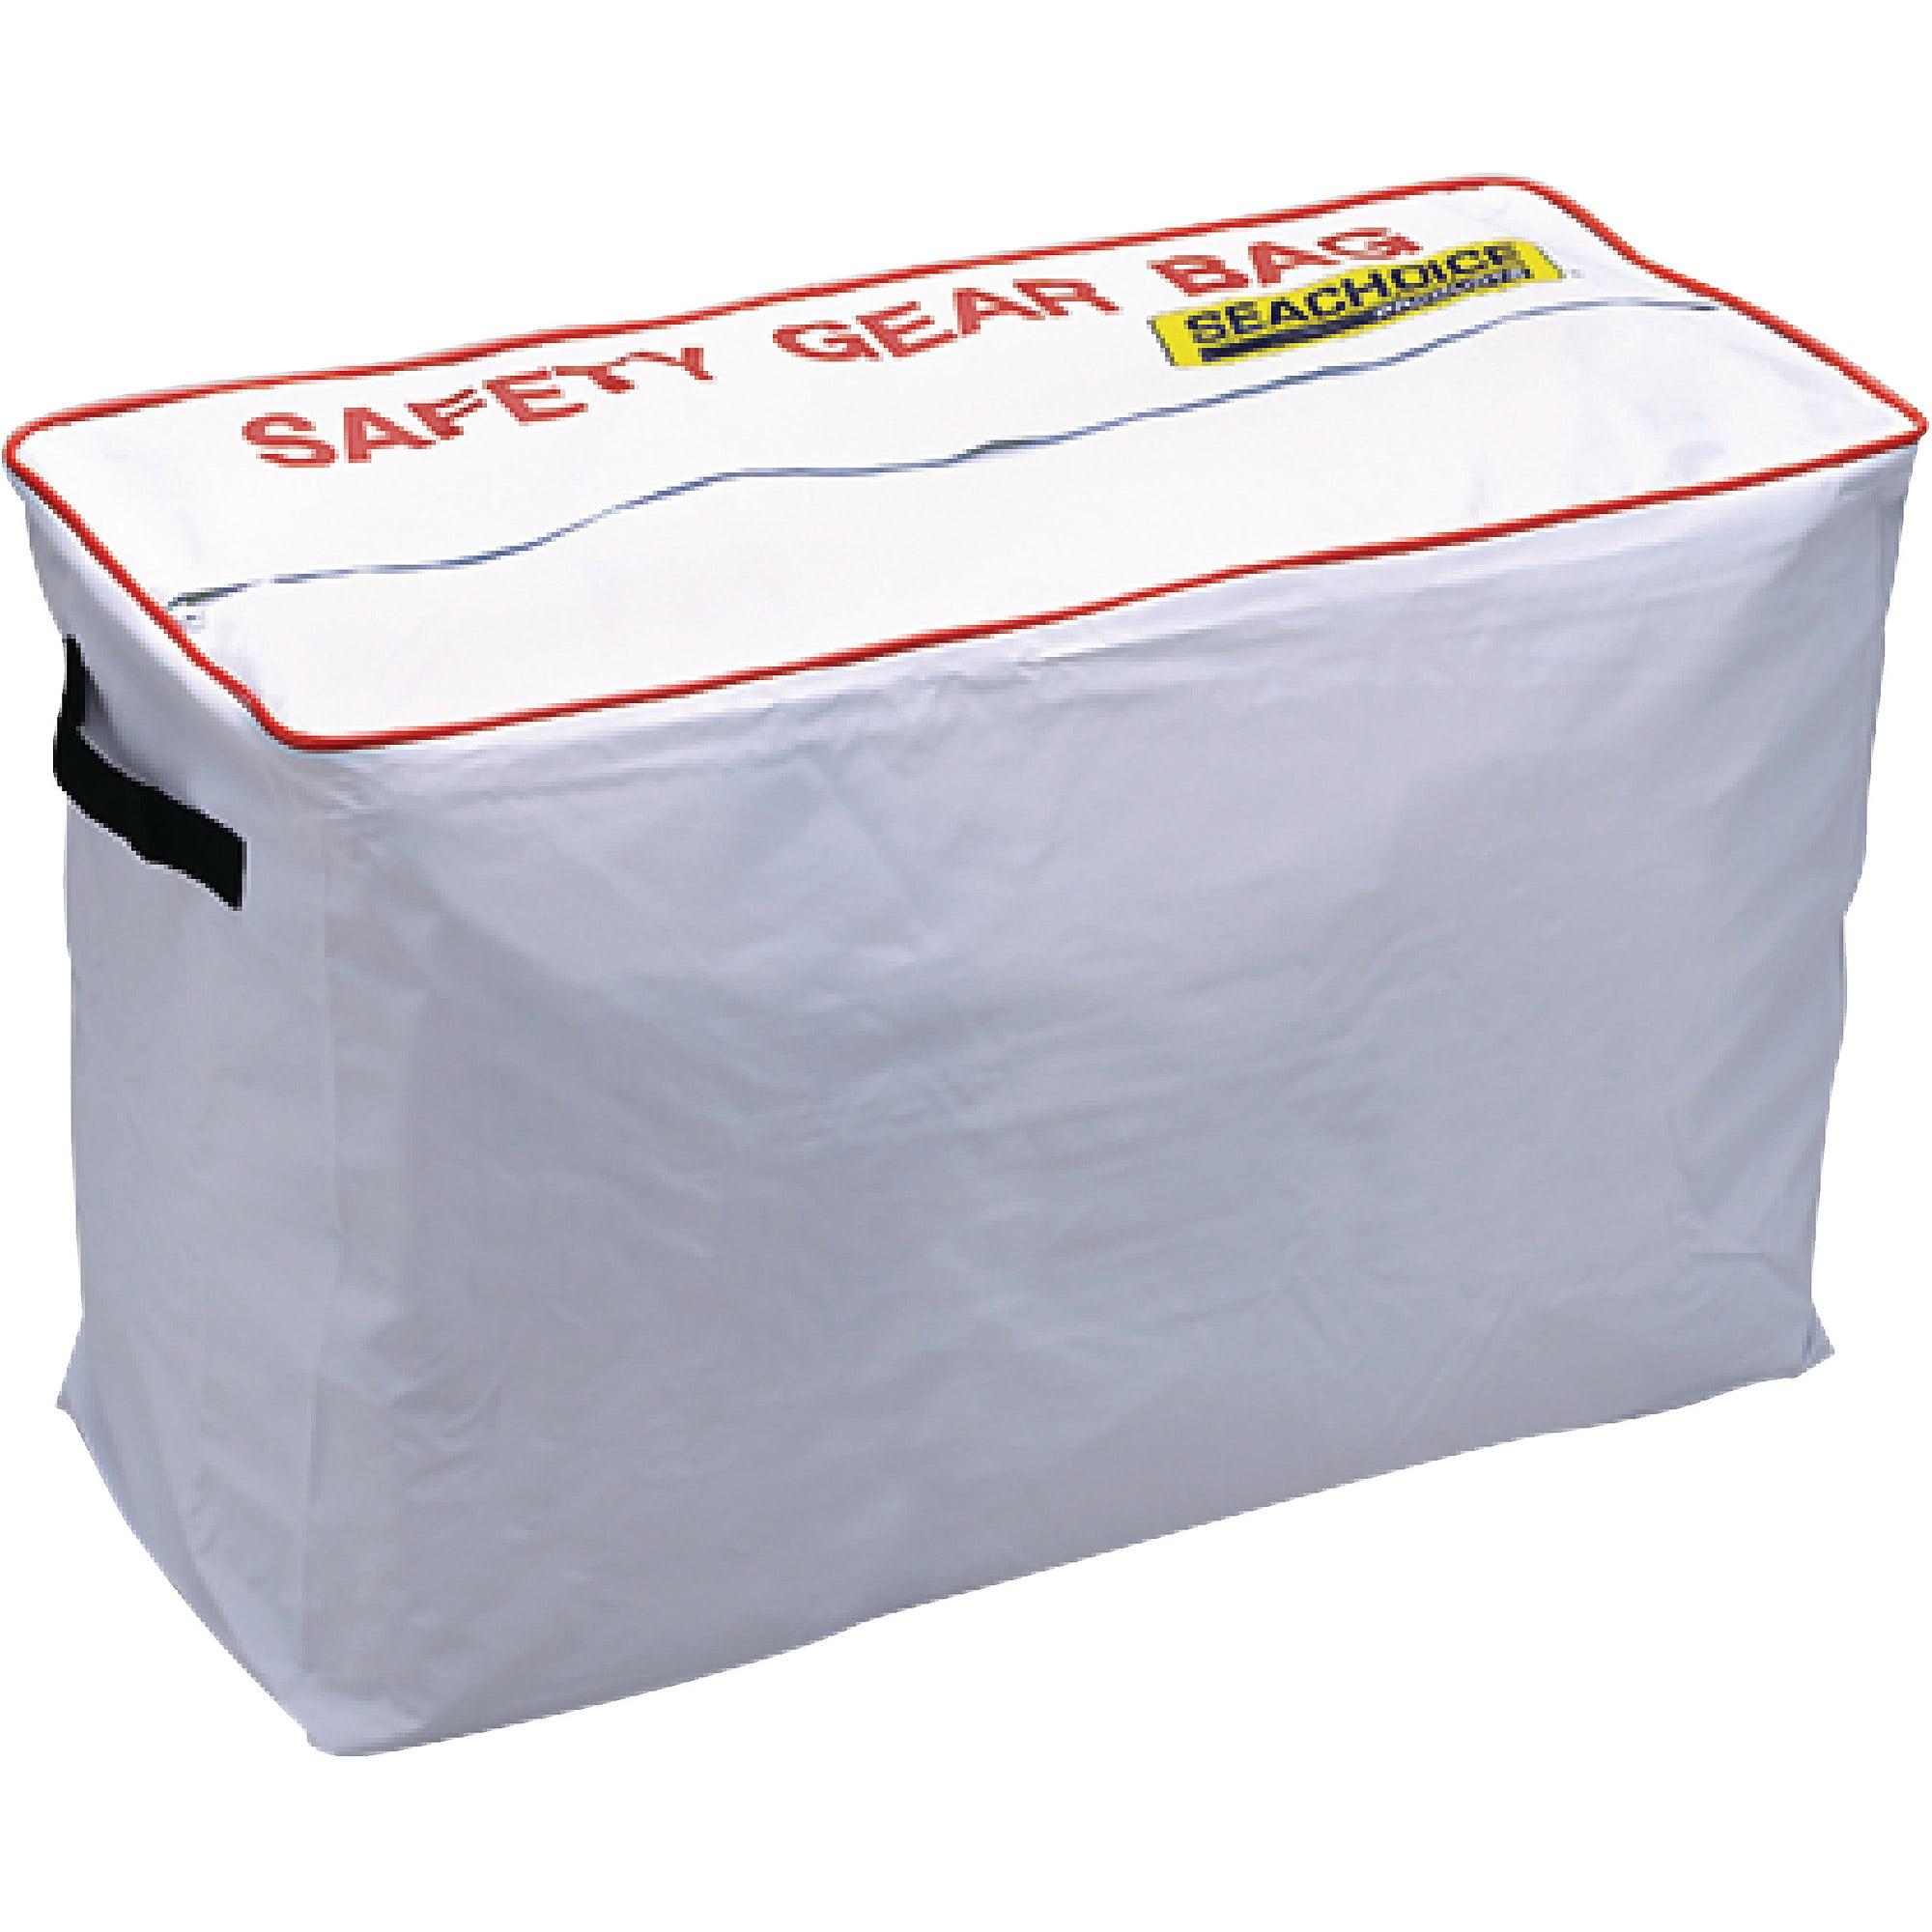 Seachoice Safety Gear Bag by Seachoice